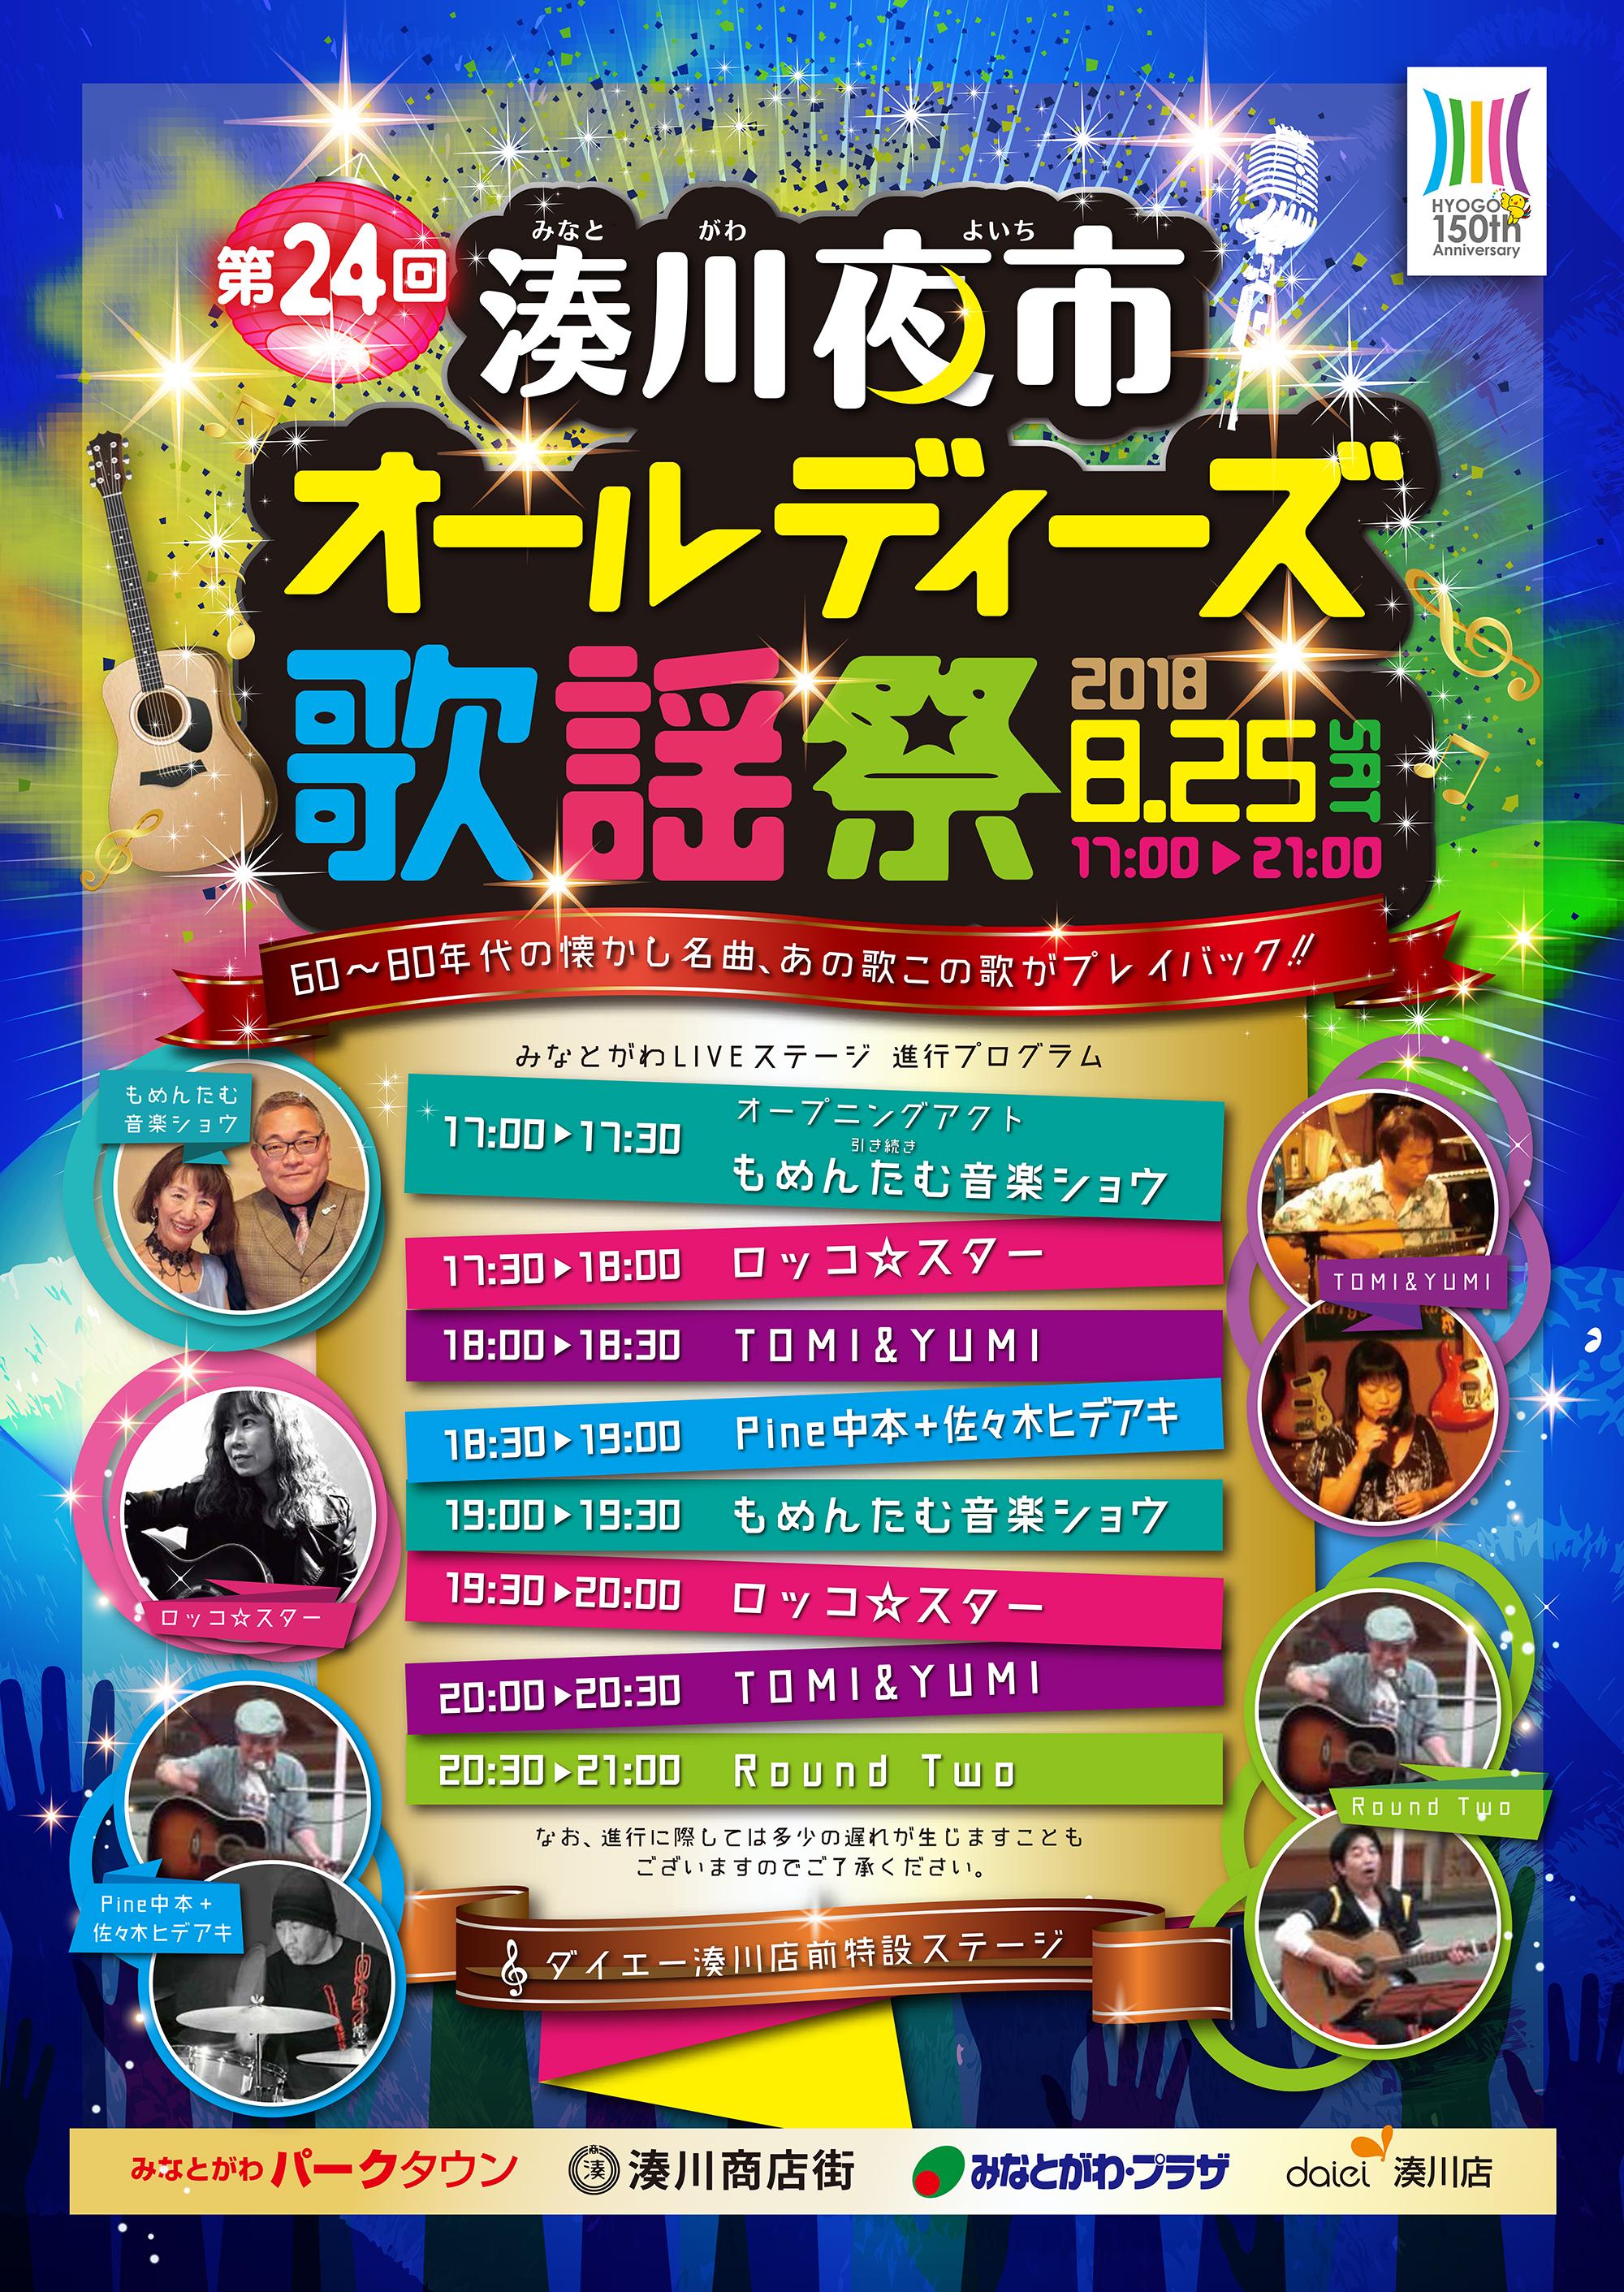 2018_8_21_歌謡祭LIVE_B2_OL